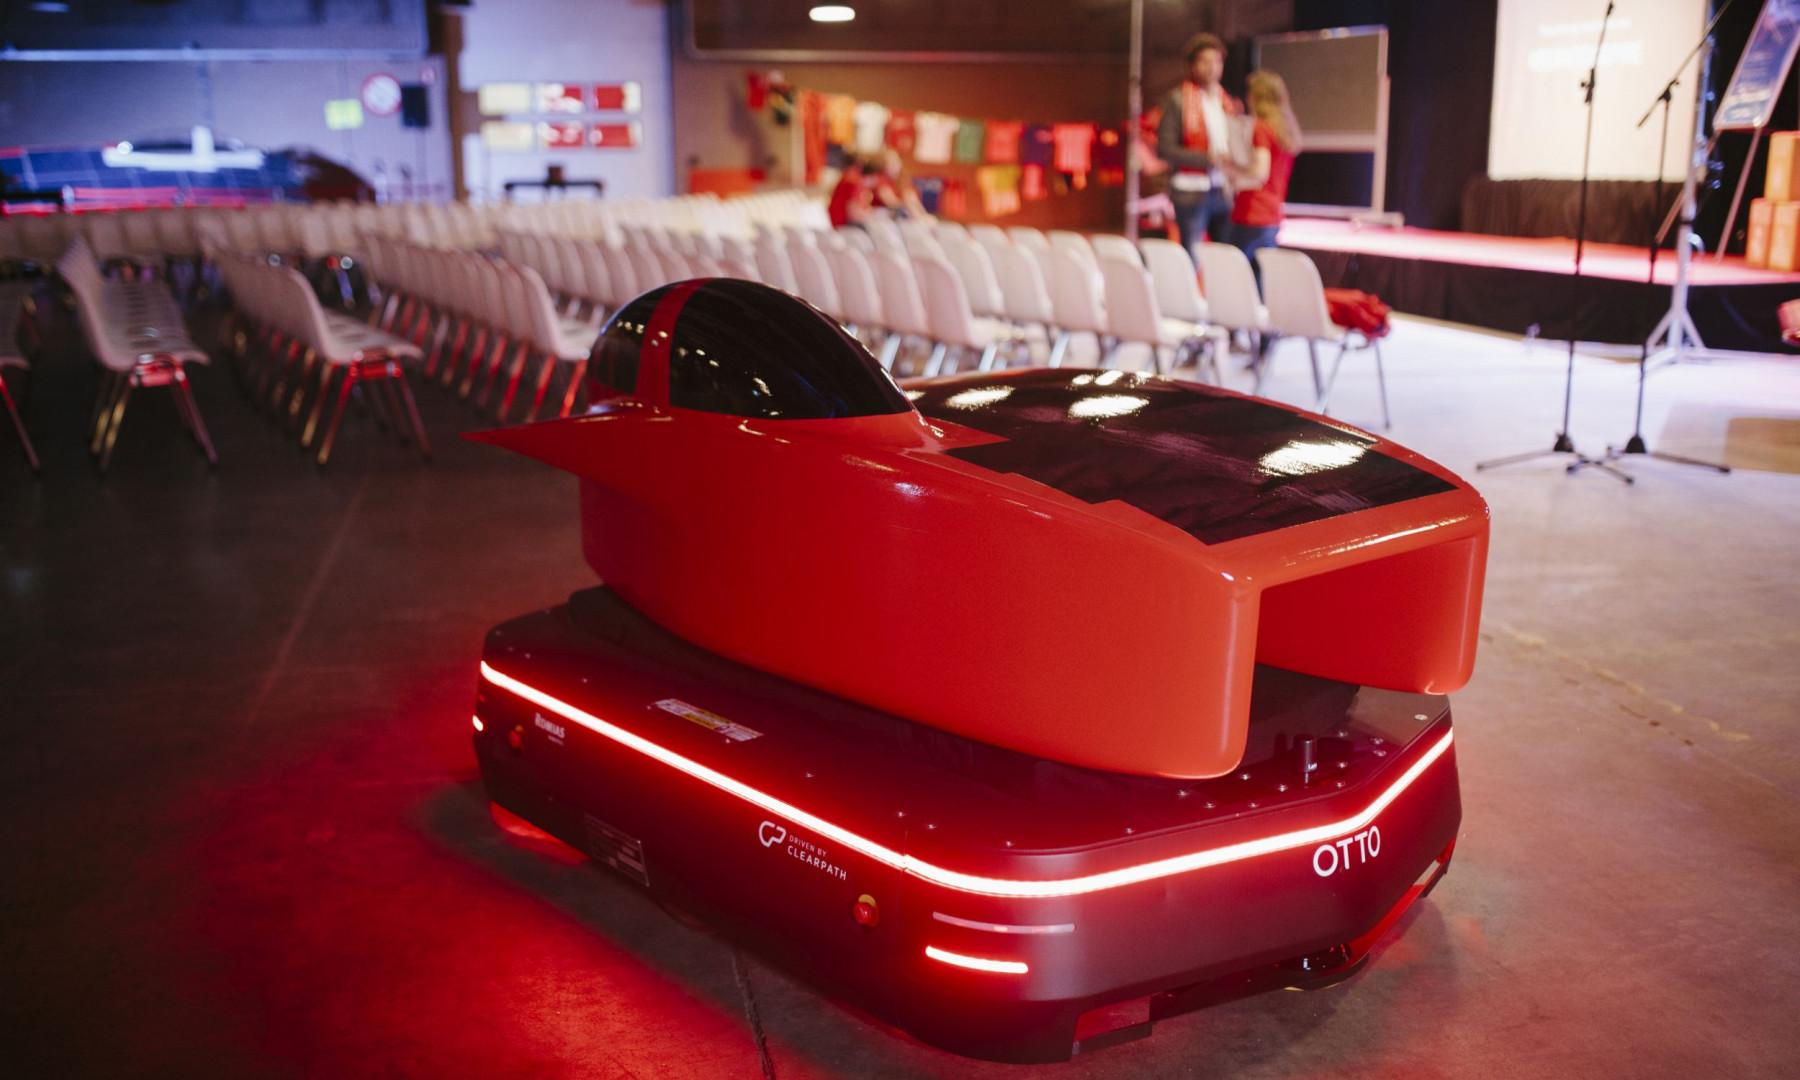 W najnowszym modelu auta zespół Solar Team zastosował inny typ paneli słonecznych, co pozwoliło na zmniejszenie rozmiarów pojazdu. Fot. Martina Ketelaar